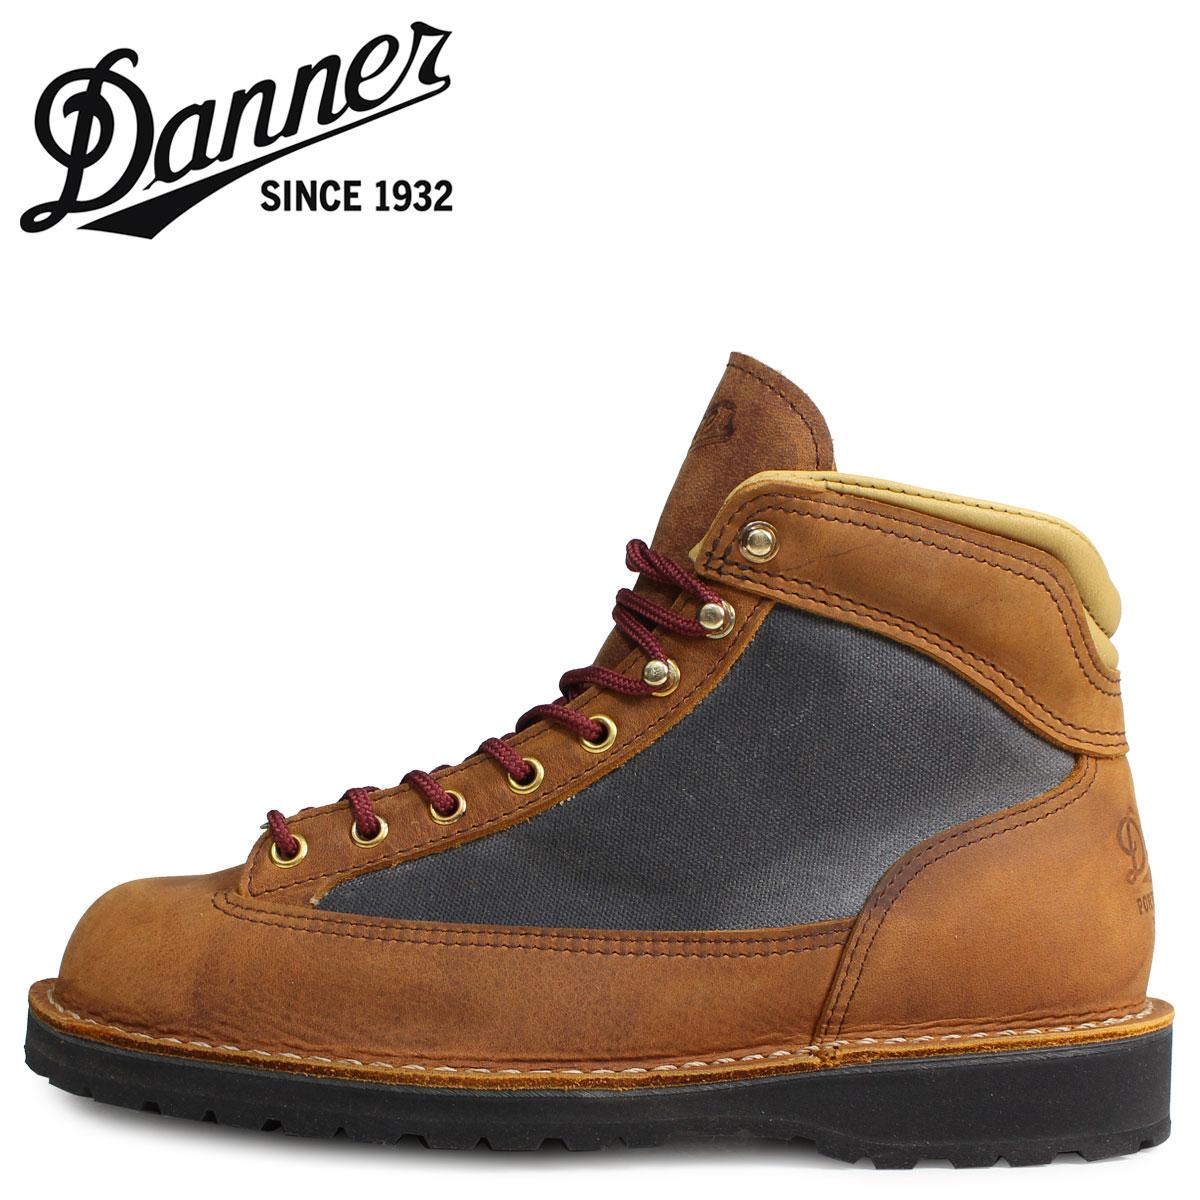 Danner ダナー リッジ ブーツ メンズ RIDGE MADE IN USA EEワイズ ブラウン 34111